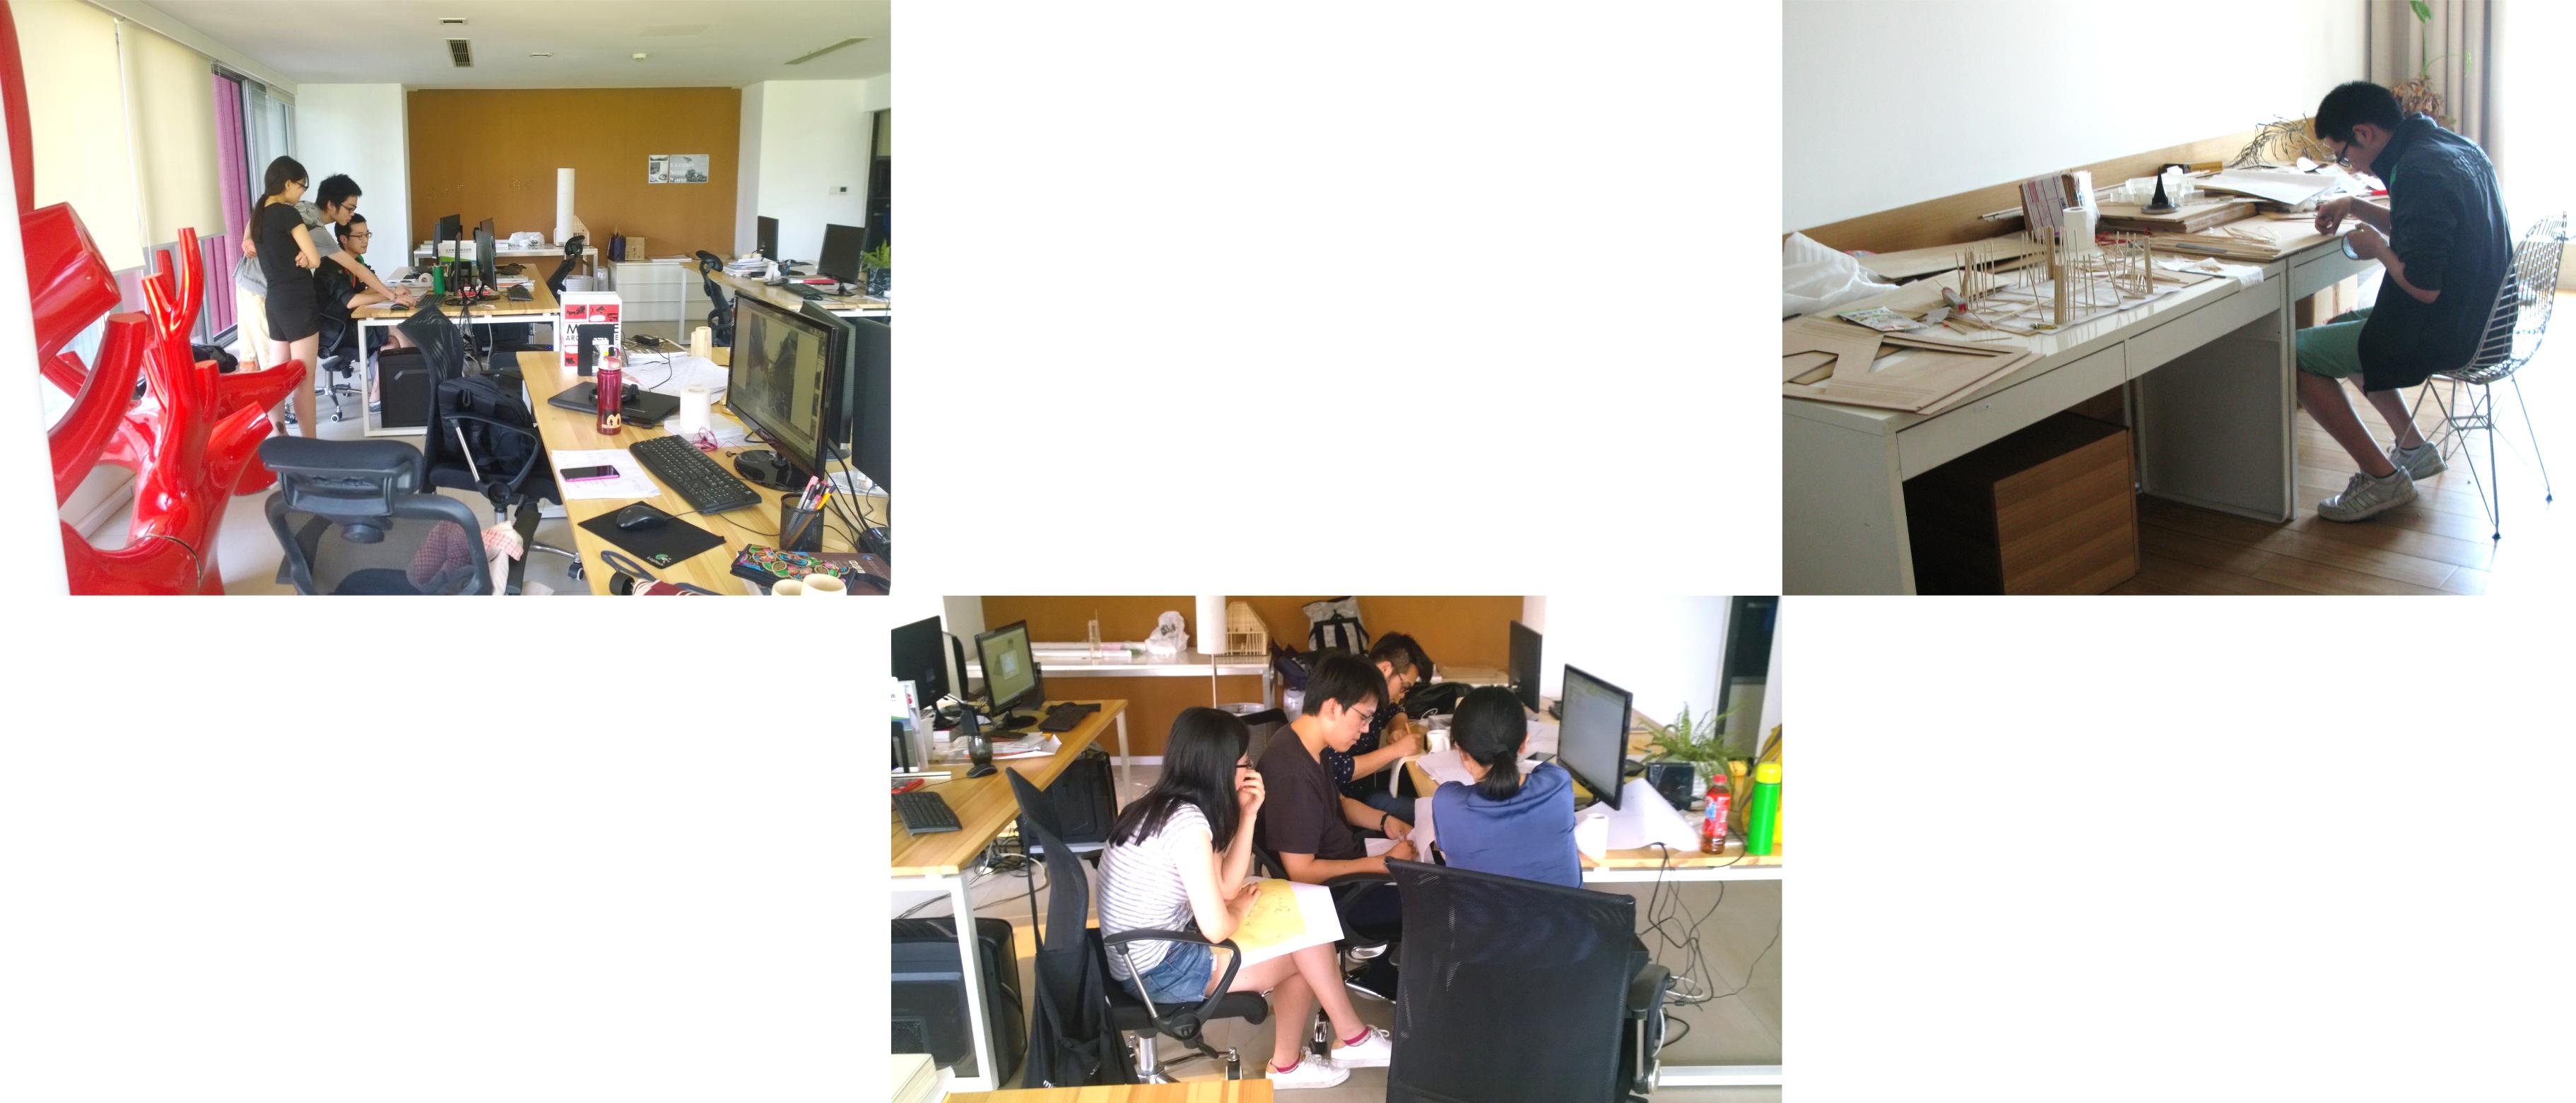 Офис DNA. Процесс проектирования. Фото автора